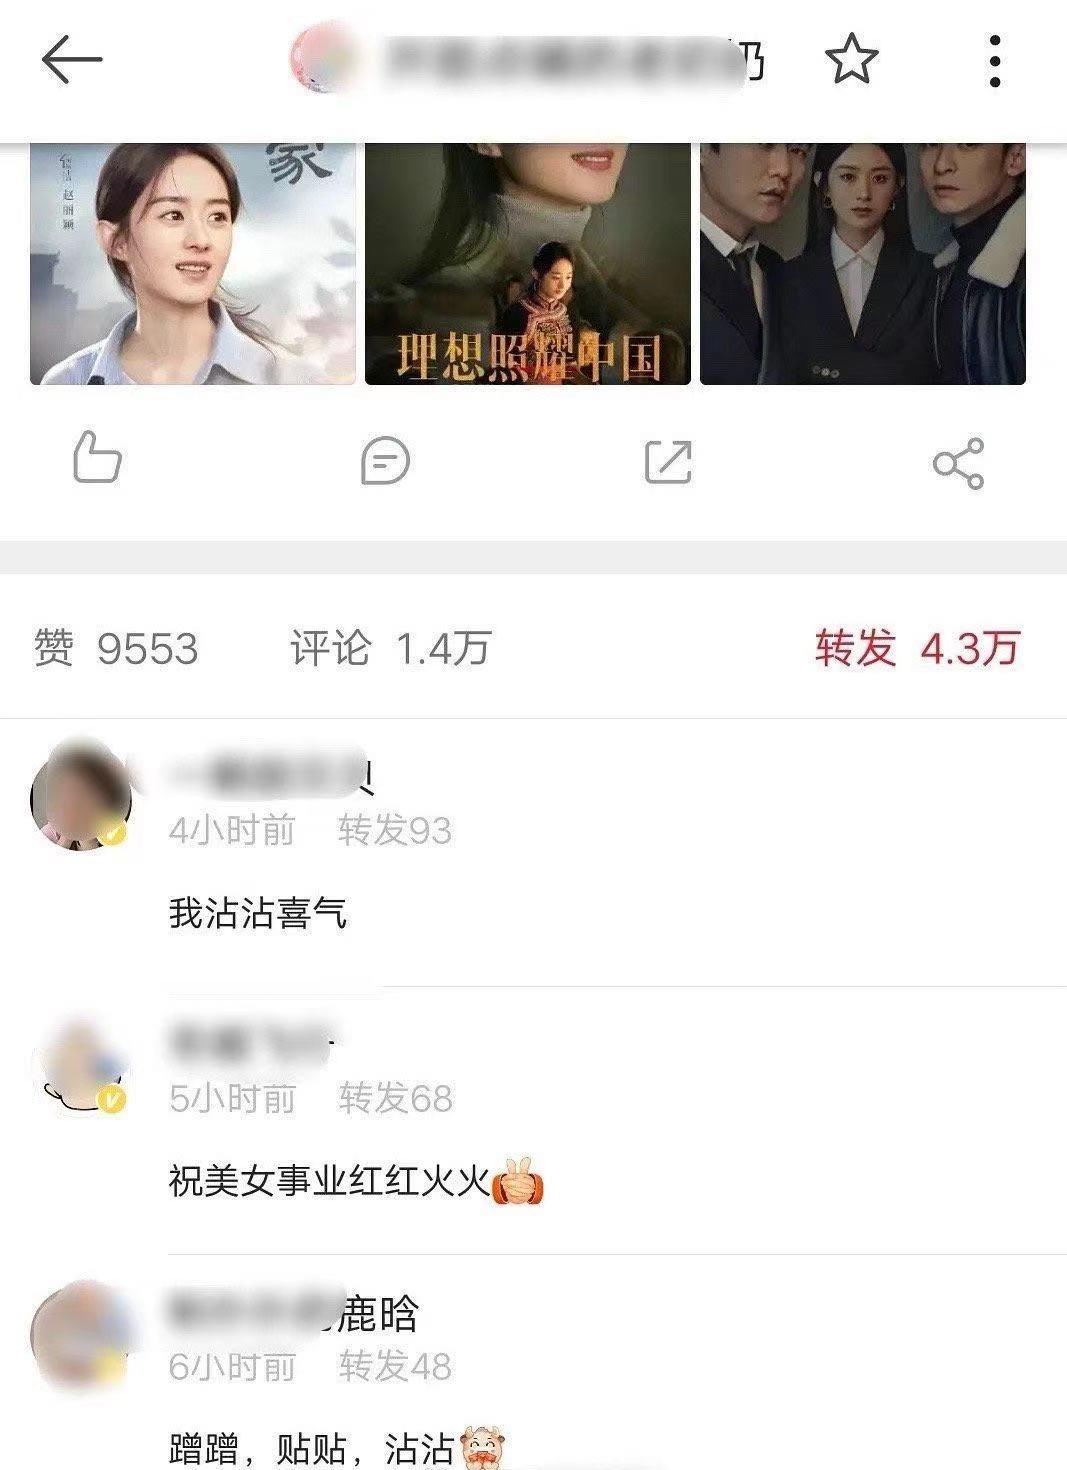 赵丽颖官宣结婚和离婚都在工作日上班时间,鹿晗和杨幂应向其学习